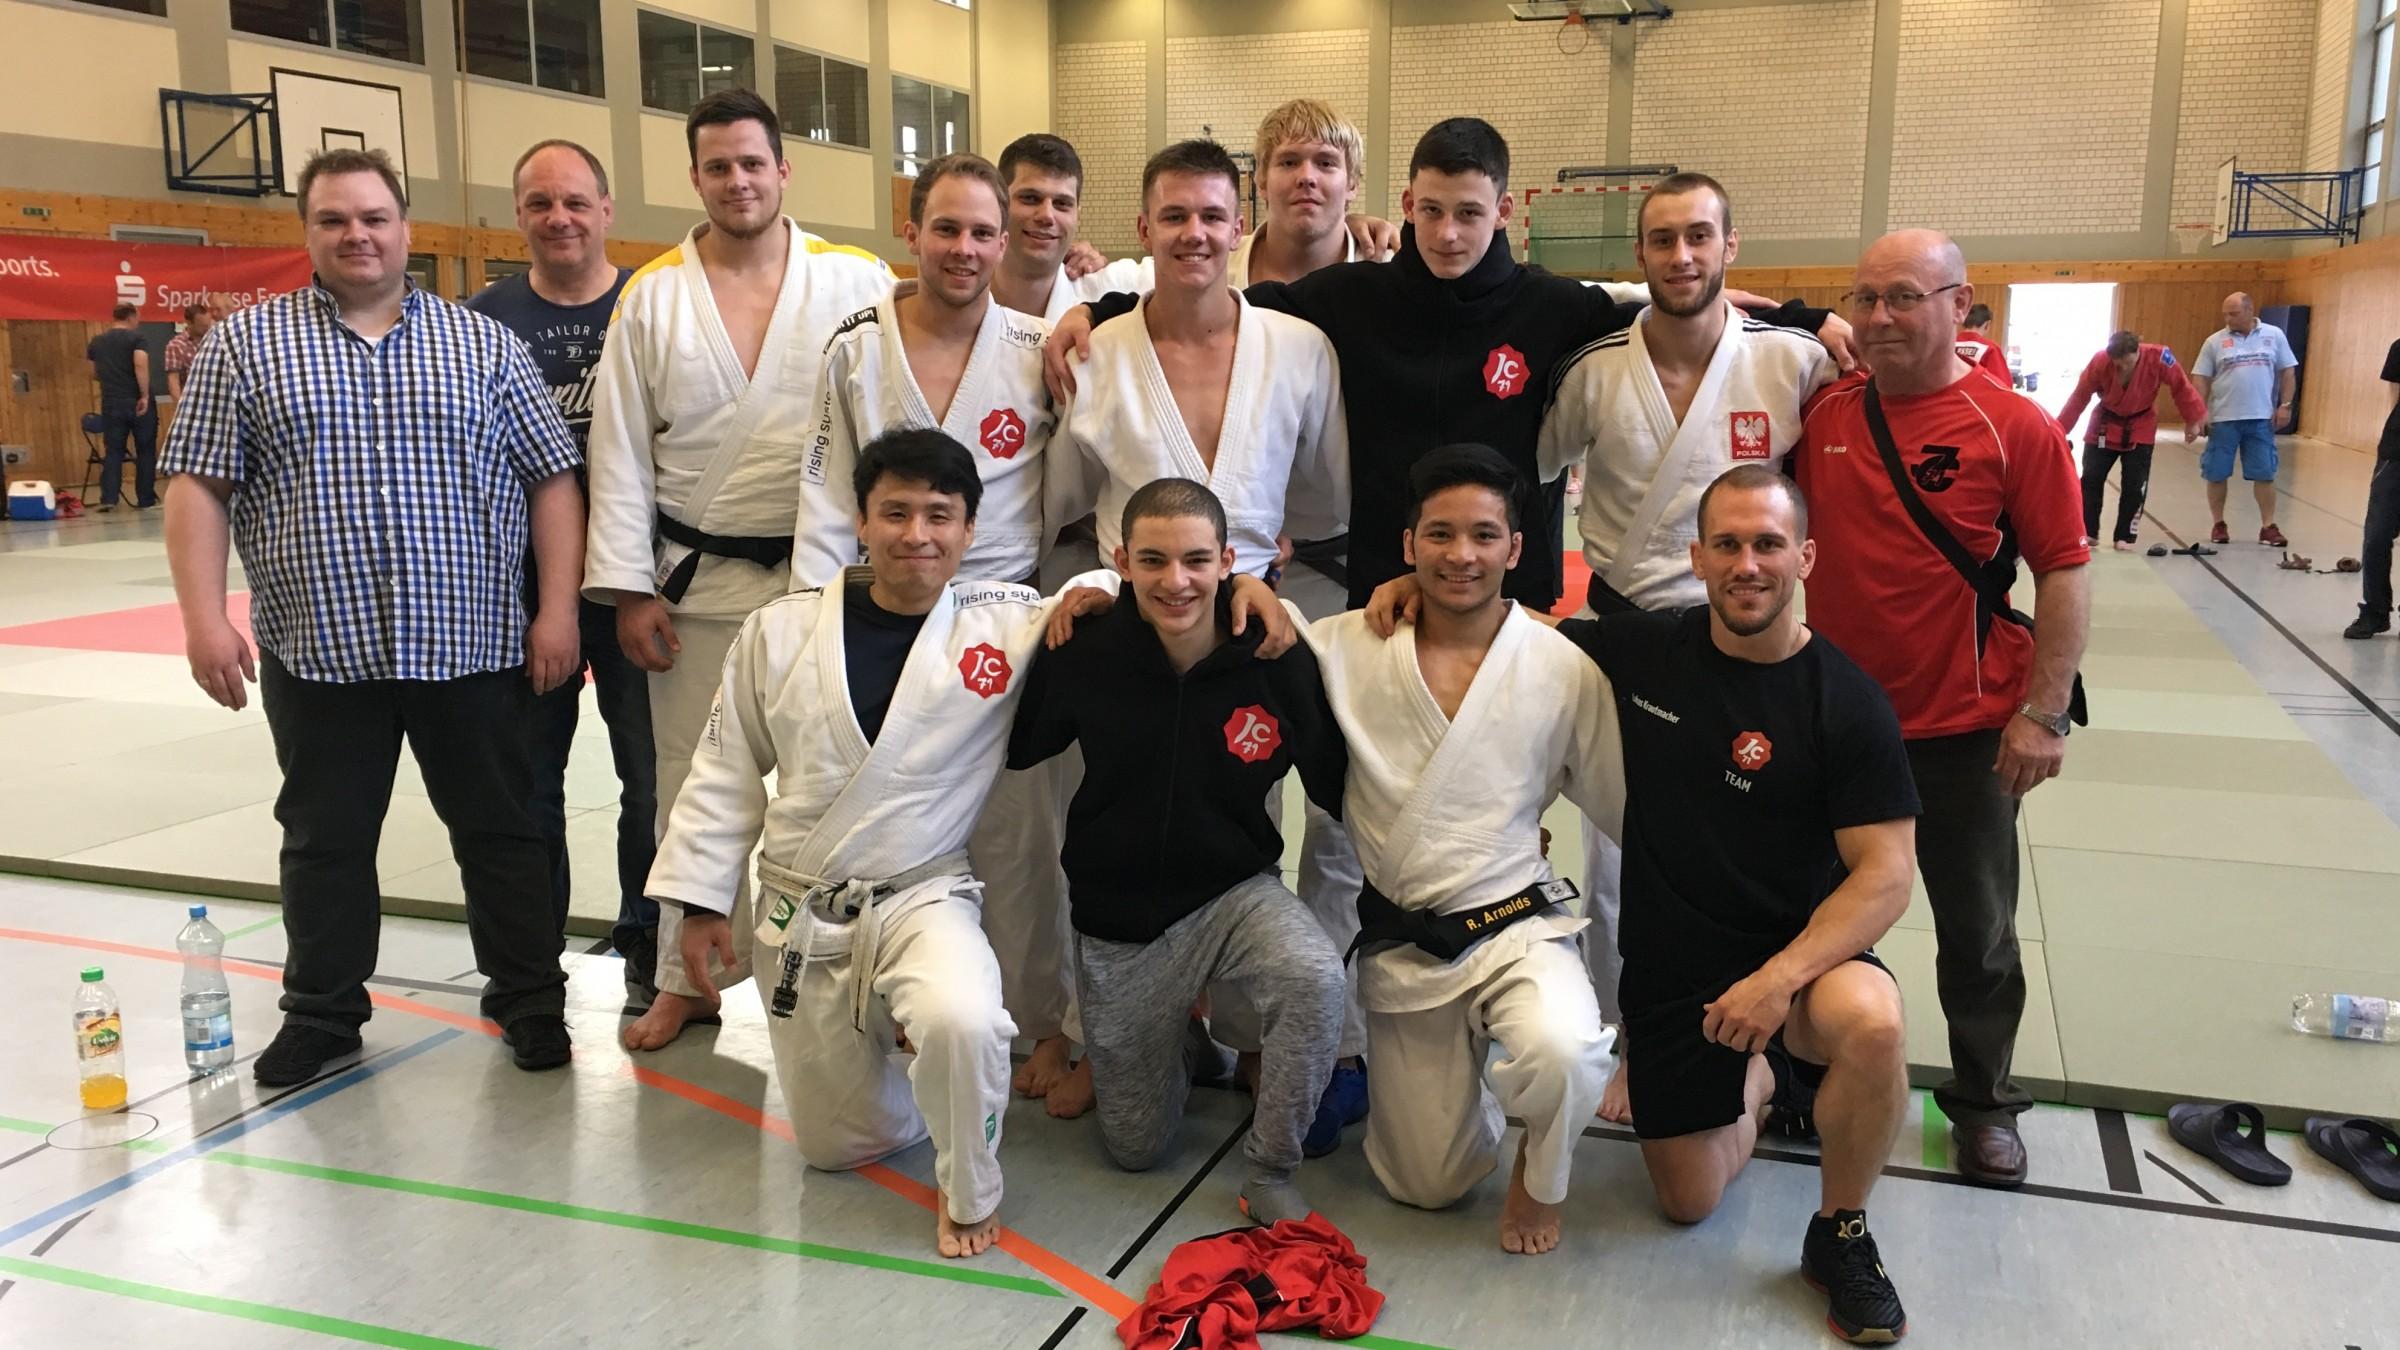 Die Mannschaft Am Ersten Kampftag, Trainer Lukas Krautmacher, Stefan Brenger Und Edmund Schulz Und Einige Unterstützer Des Teams